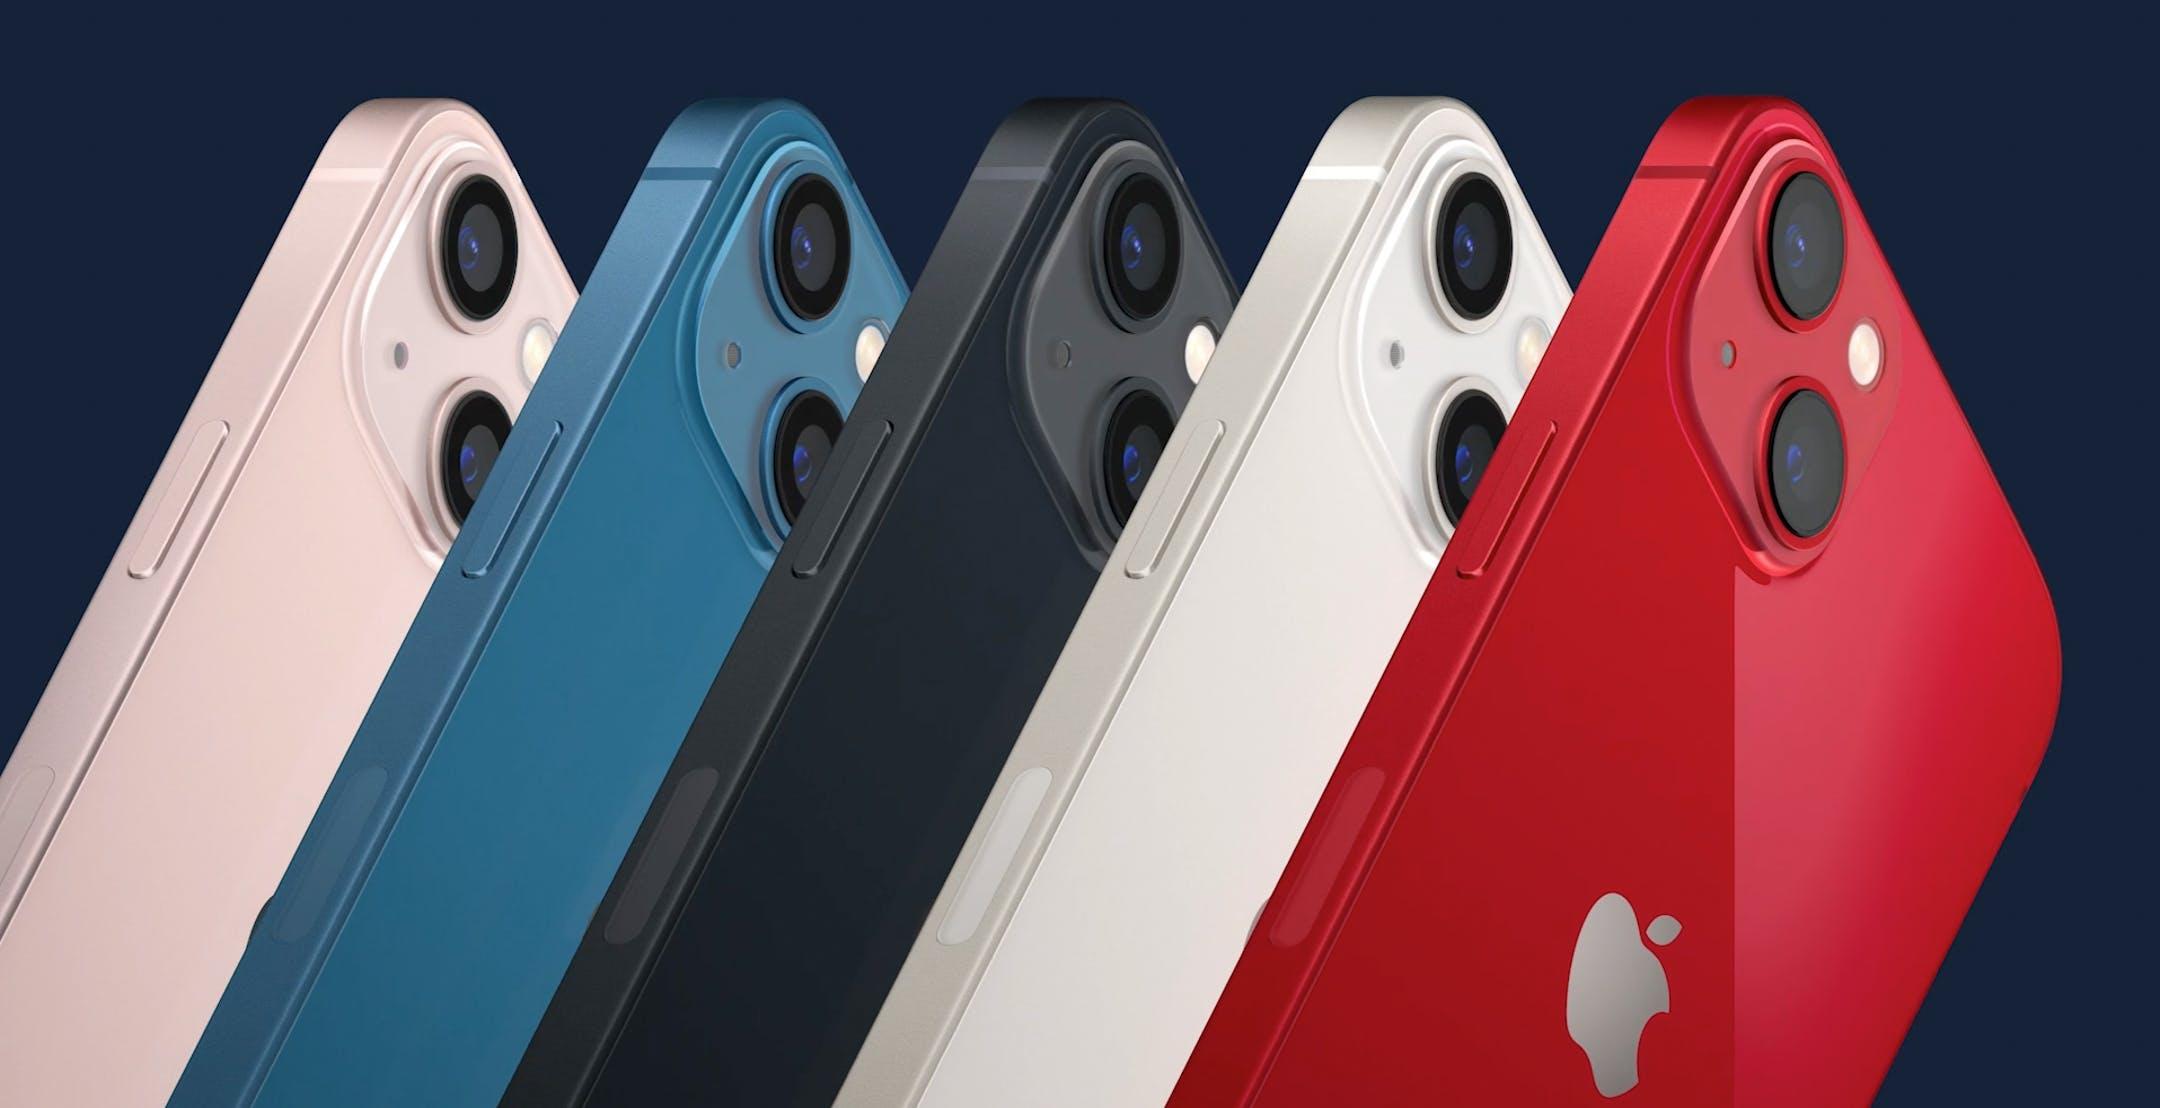 Ecco iPhone 13 e iPhone 13 mini: tacca più piccola e autonomia migliorata. Via il modello da 64 GB: si parte da 128 GB